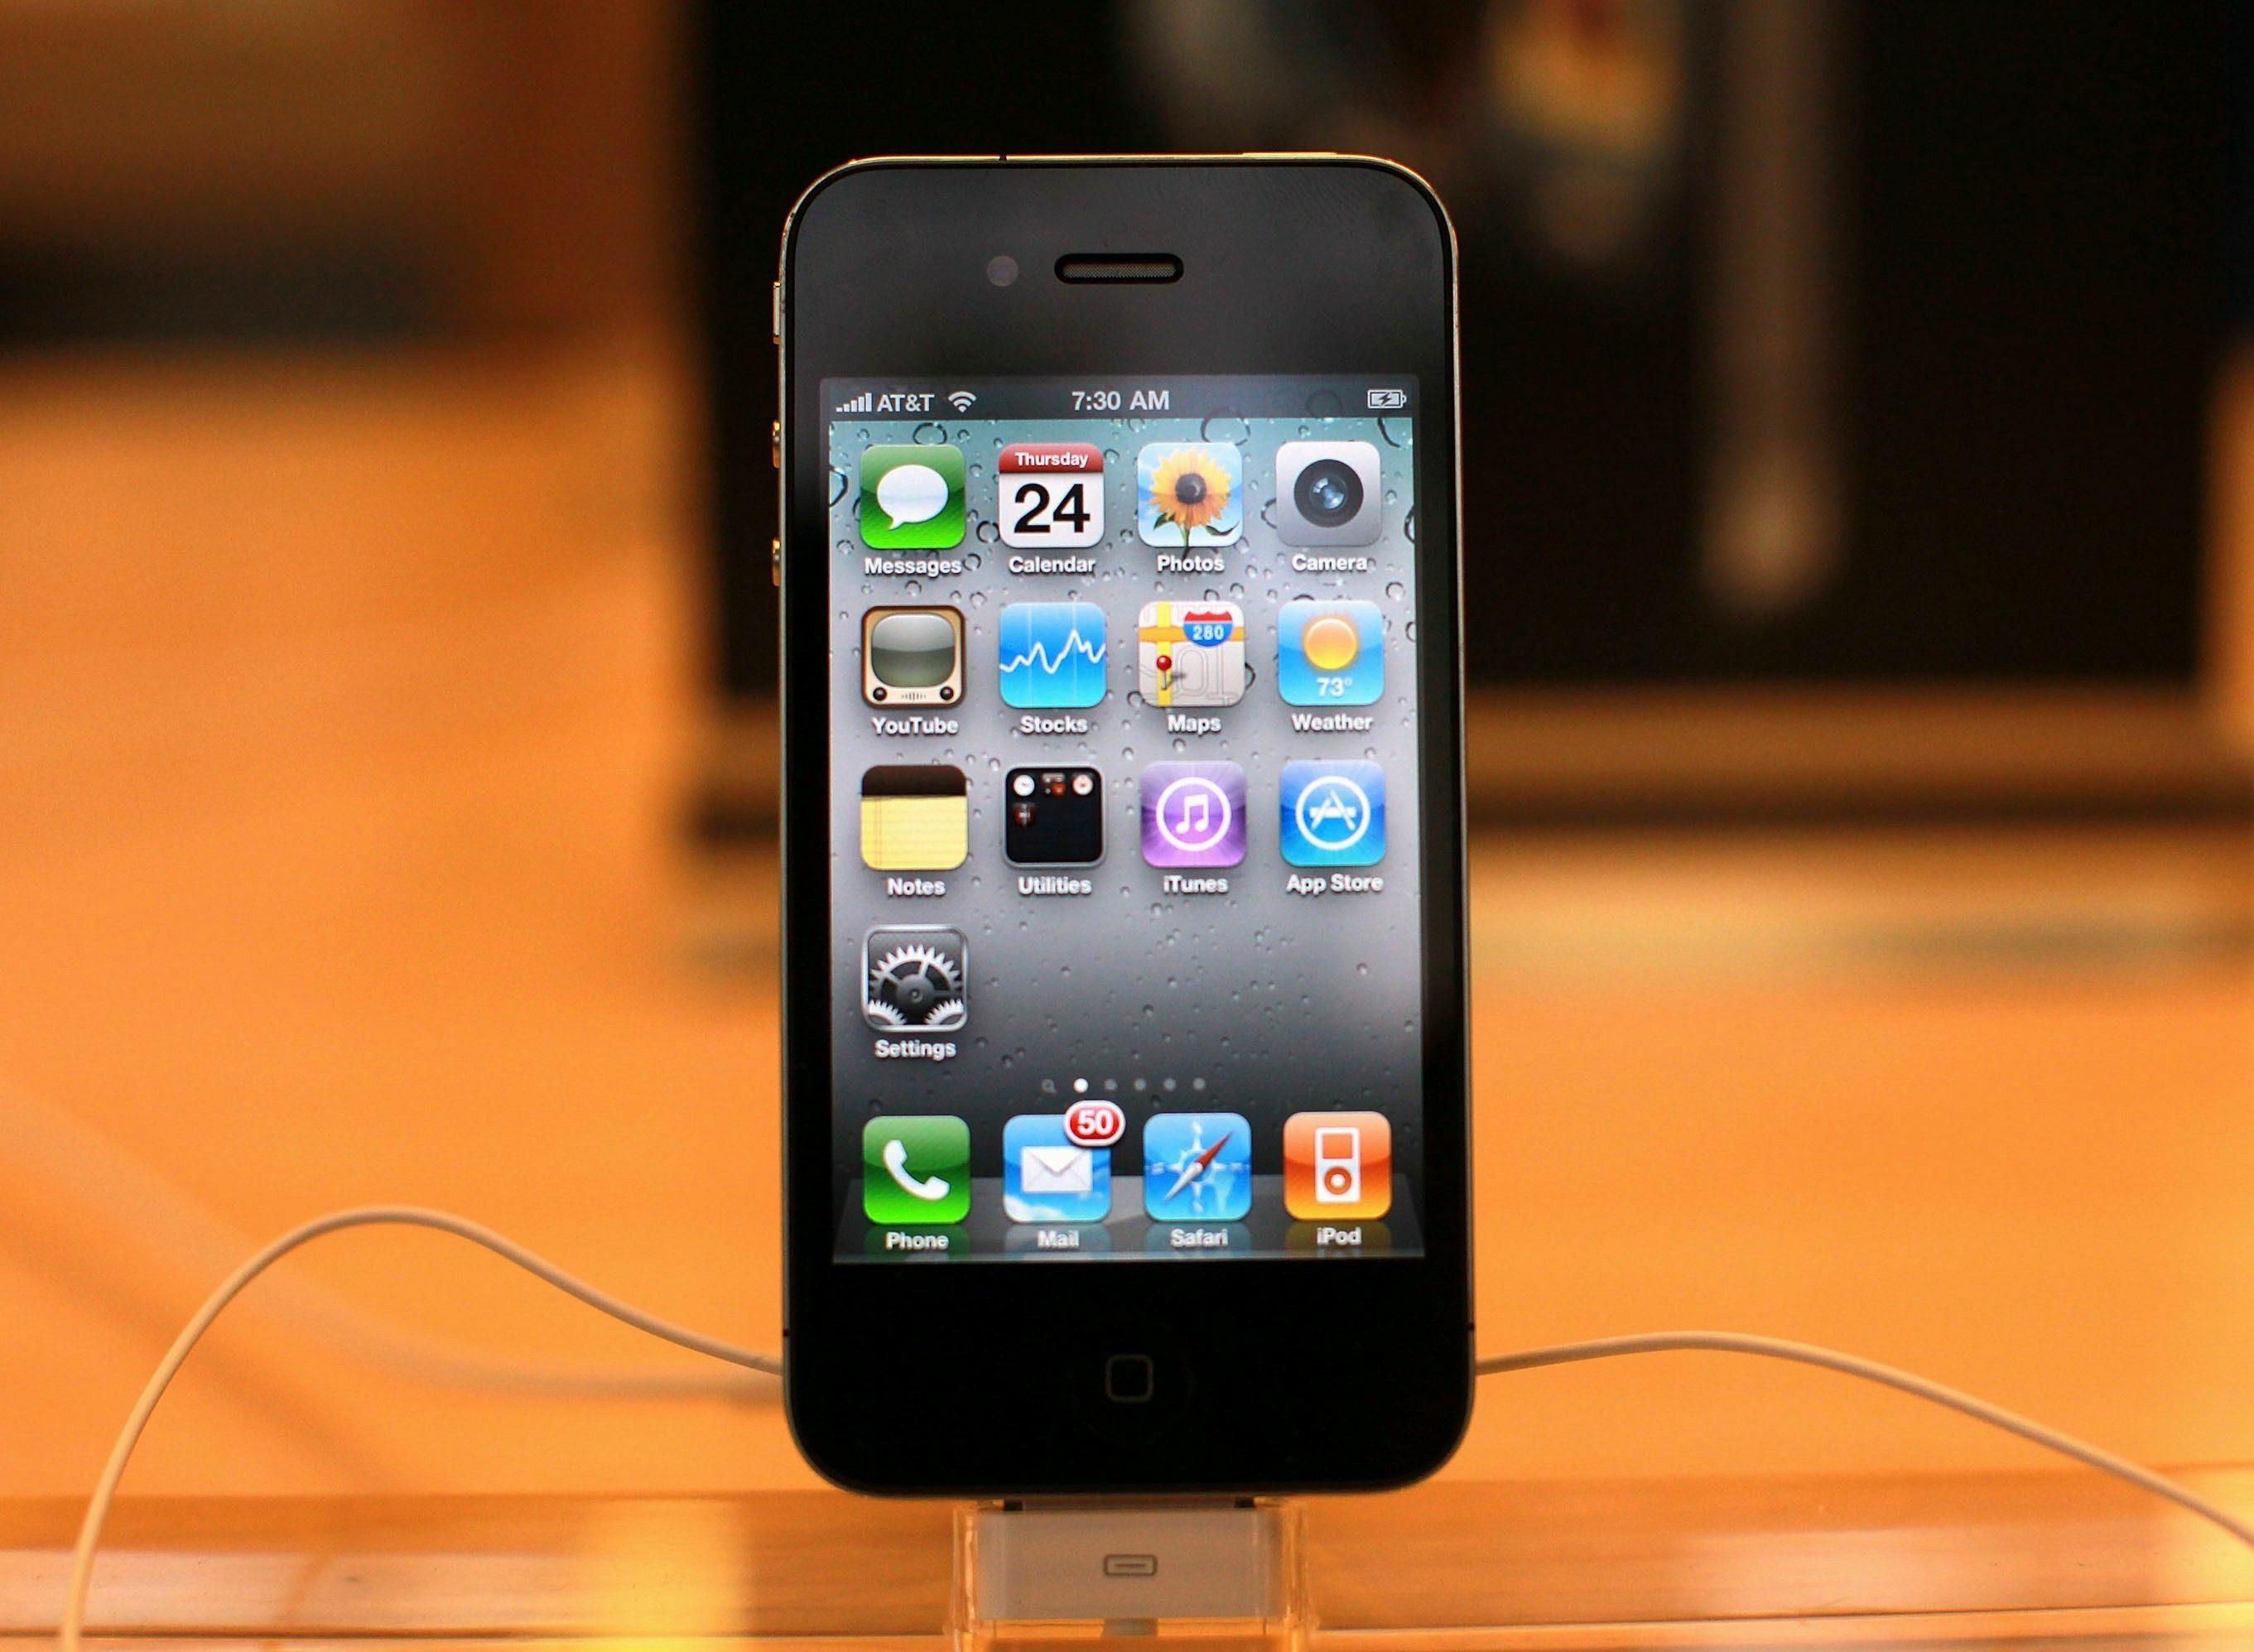 Sử dụng rất cũ smartphones có thể khiến bạn có nguy cơ bị tấn công nghiêm trọng